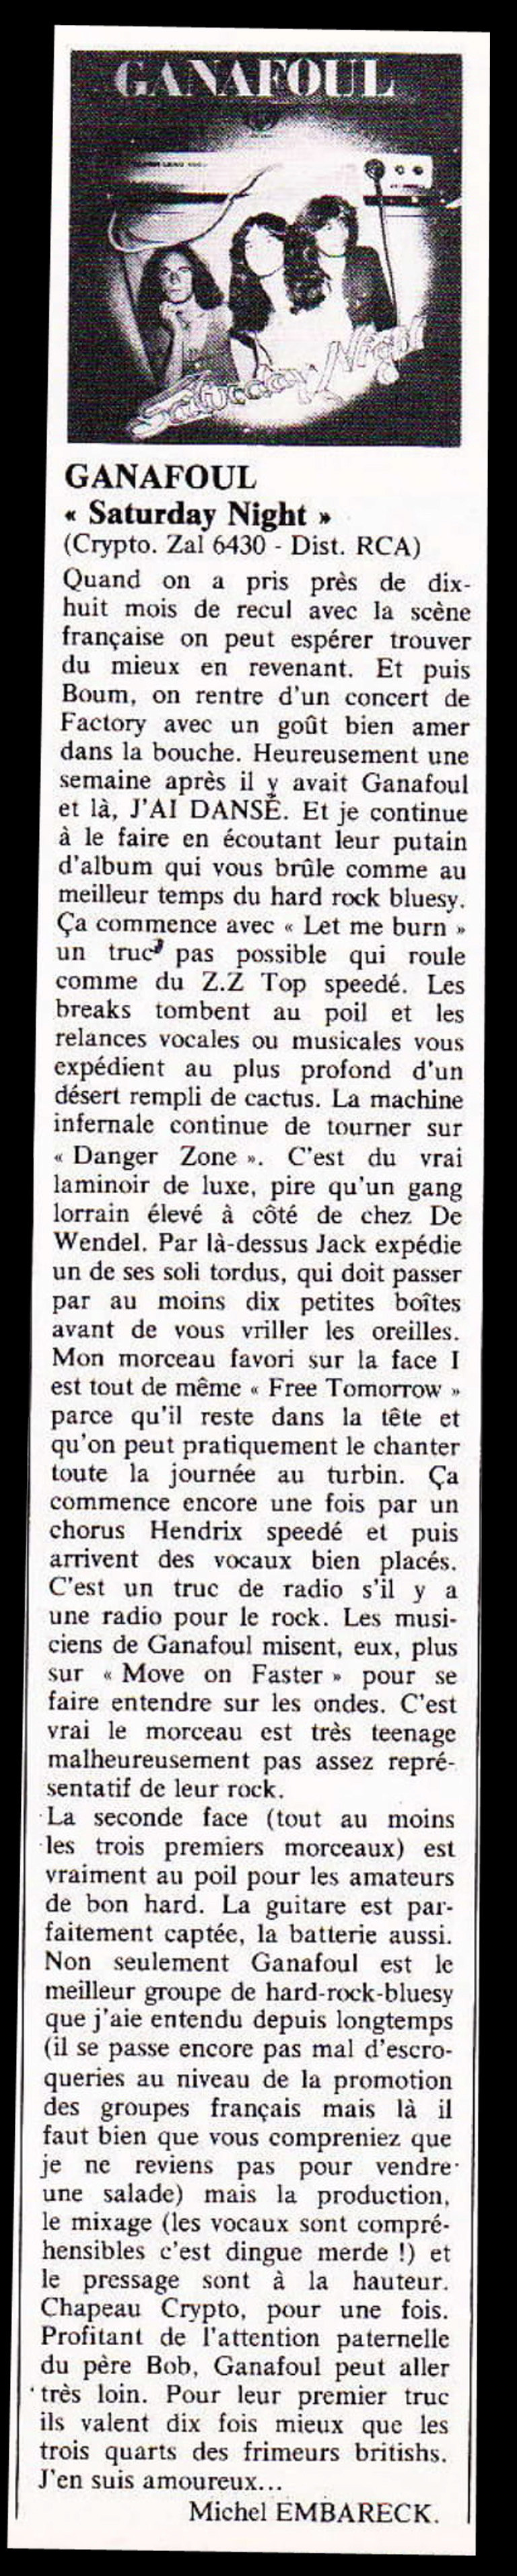 Une vieille chronique d'album de GANAFOUL ... BEST N°113 Décembre 1977 Ganafo10